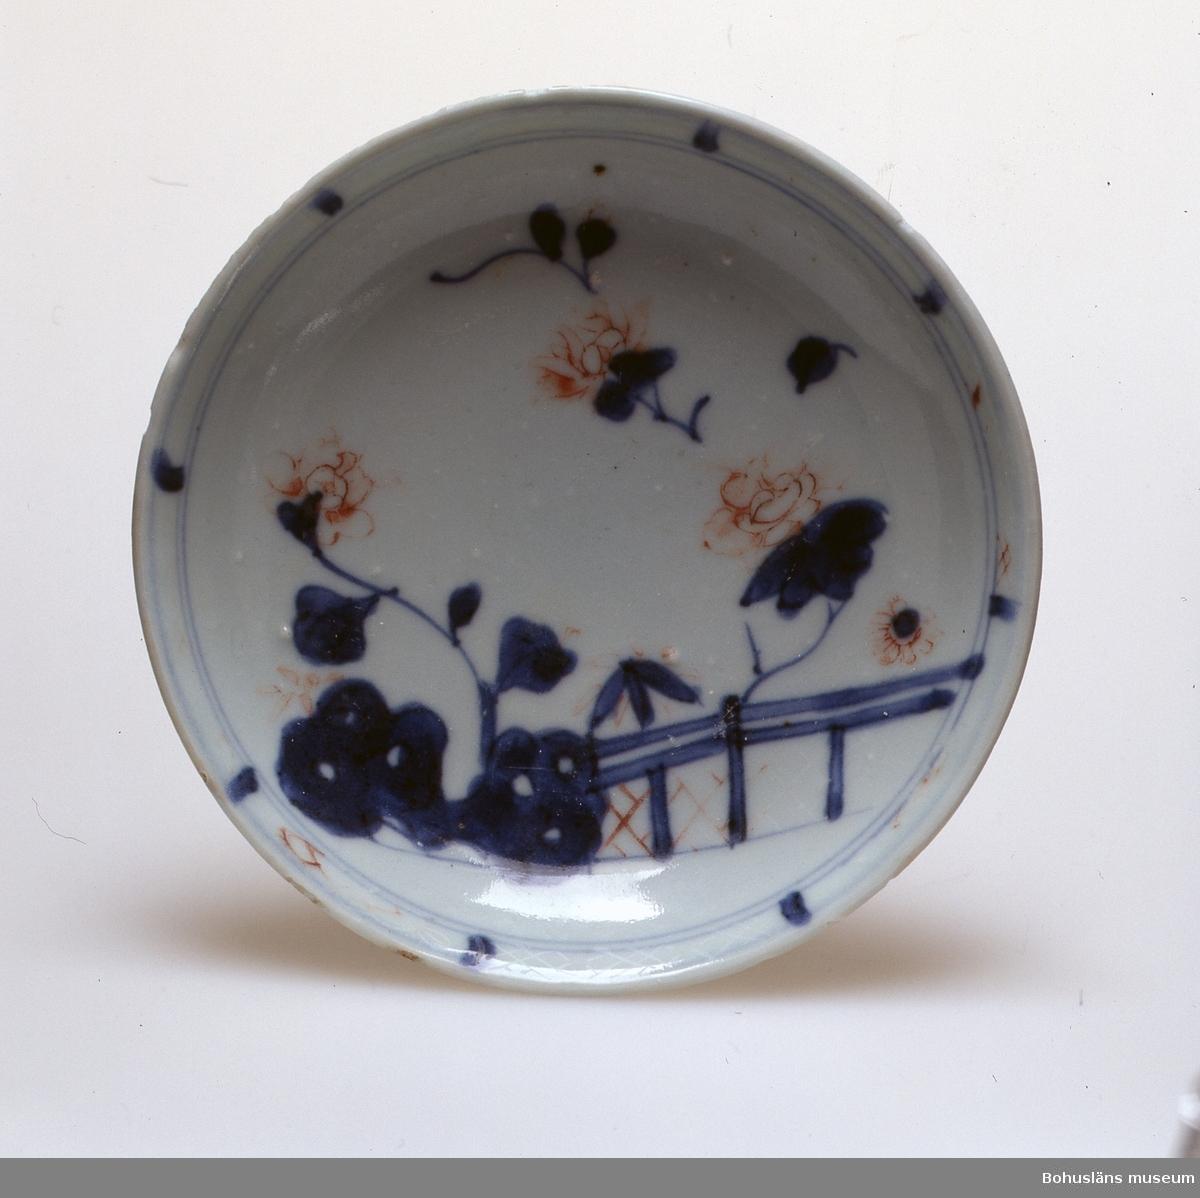 38 koppar och 40 fat. Öronlös kopp med nedåt konande, försedd med fotring. Så kallat ostindiskt porslin. Höjd 4 cm, diameter 7.3 cm, fotring diameter 3.5 cm. Underglasyrmålning i blått med växtdekor och trädgårdsklippa på utsidan. På insidan stiliserad blomma i botten samt dekorbård längs mynningen. Överglasyrmålning i järnrött och guld som till stor del utplånats p.g.a att pjäserna länge legat på havsbottnen. Faten runda med uppböjd kant utan markerad gräns mellan bräm och spegel. Dekor av trädgårdsklippa, bro samt blommor. Färger och teknik som på koppen. Diameter 11,5 cm, höjd 2,2 cm. Fotringens diameter 6,5 cm. Jfr kopp UM025566 med samma form men annorlunda dekor. Kopparna och faten införda från Kina till Sverige av Ostindiska Kompaniet under dess första oktroj (1731 - 1746) eller andra oktroj (1747-1766). Fyndet (UM025565-UM025570) gjordes av Fredrik Forsberg, Lysekil utanför Kockholmarna, Lysekil sommaren 1991, fyndplats söder Kockholmarna N 58 12 04; O 11 22 01 på cirka 25 meters djup. Inga spår av fartyg på ordinarie route, varför det rör sig om en sekundär transport. Fyndet rapporterat till polismyndigheterna i mars 1992, och av Riksantikvarieämbetet fyndtilldelat till Bohusläns museum.